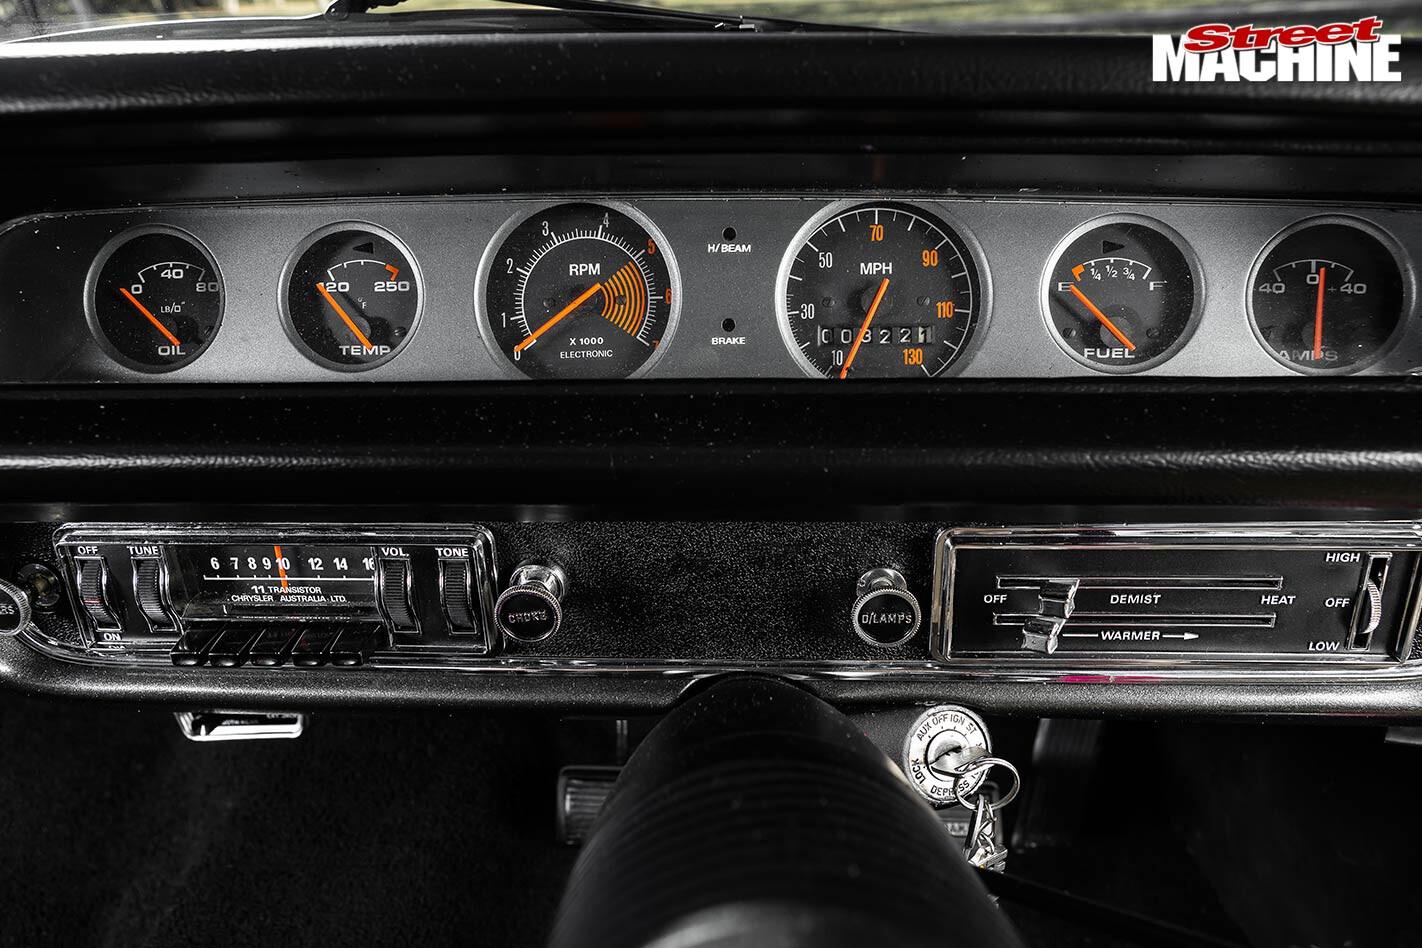 Chrysler VH Valiant Charger dash